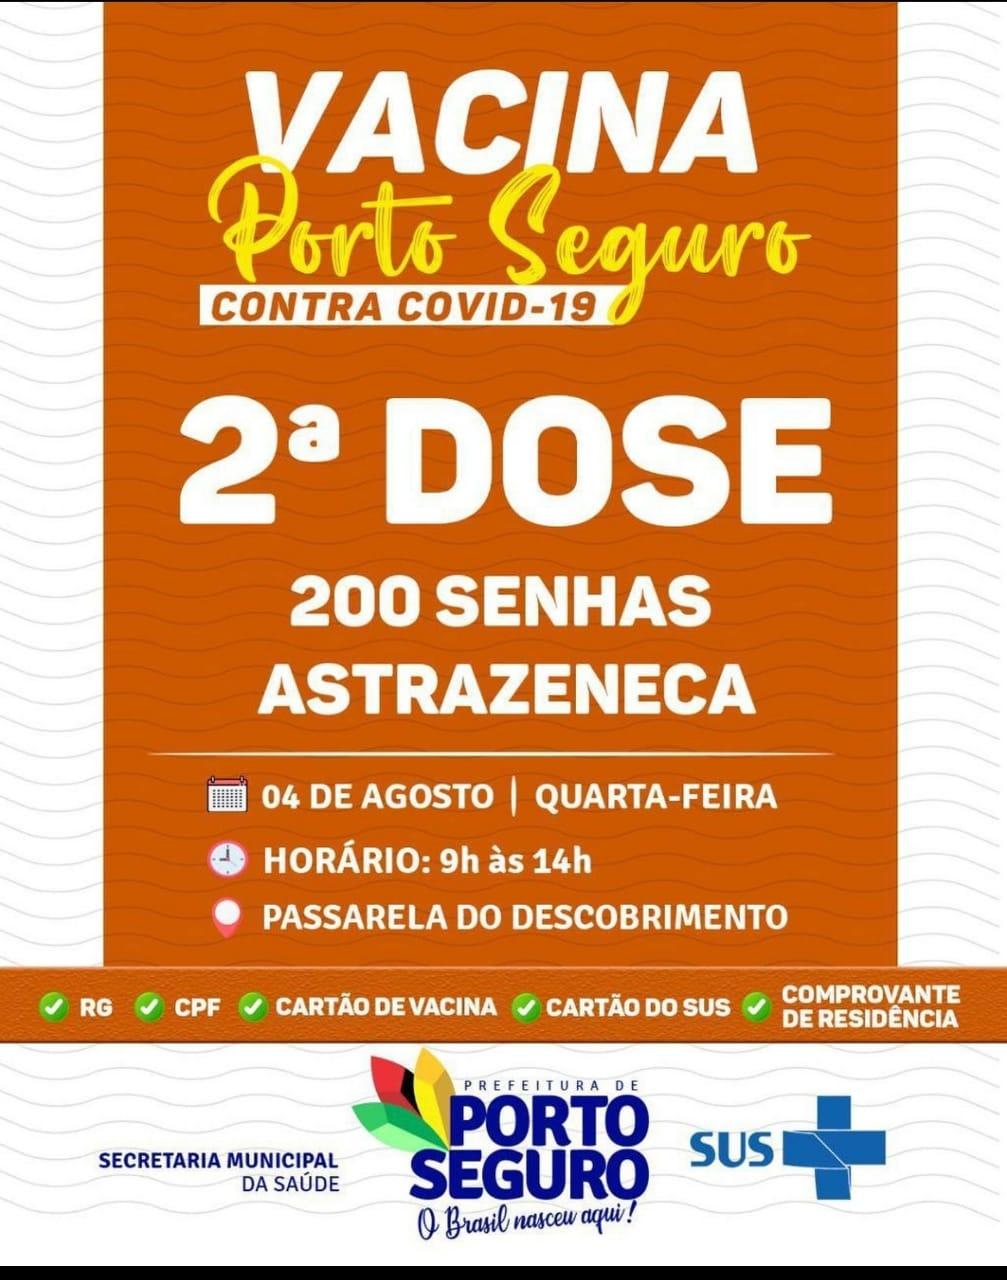 Vacina Porto Seguro contra Covid-19; cronograma de vacinação de 02 a 04 de Agosto 38